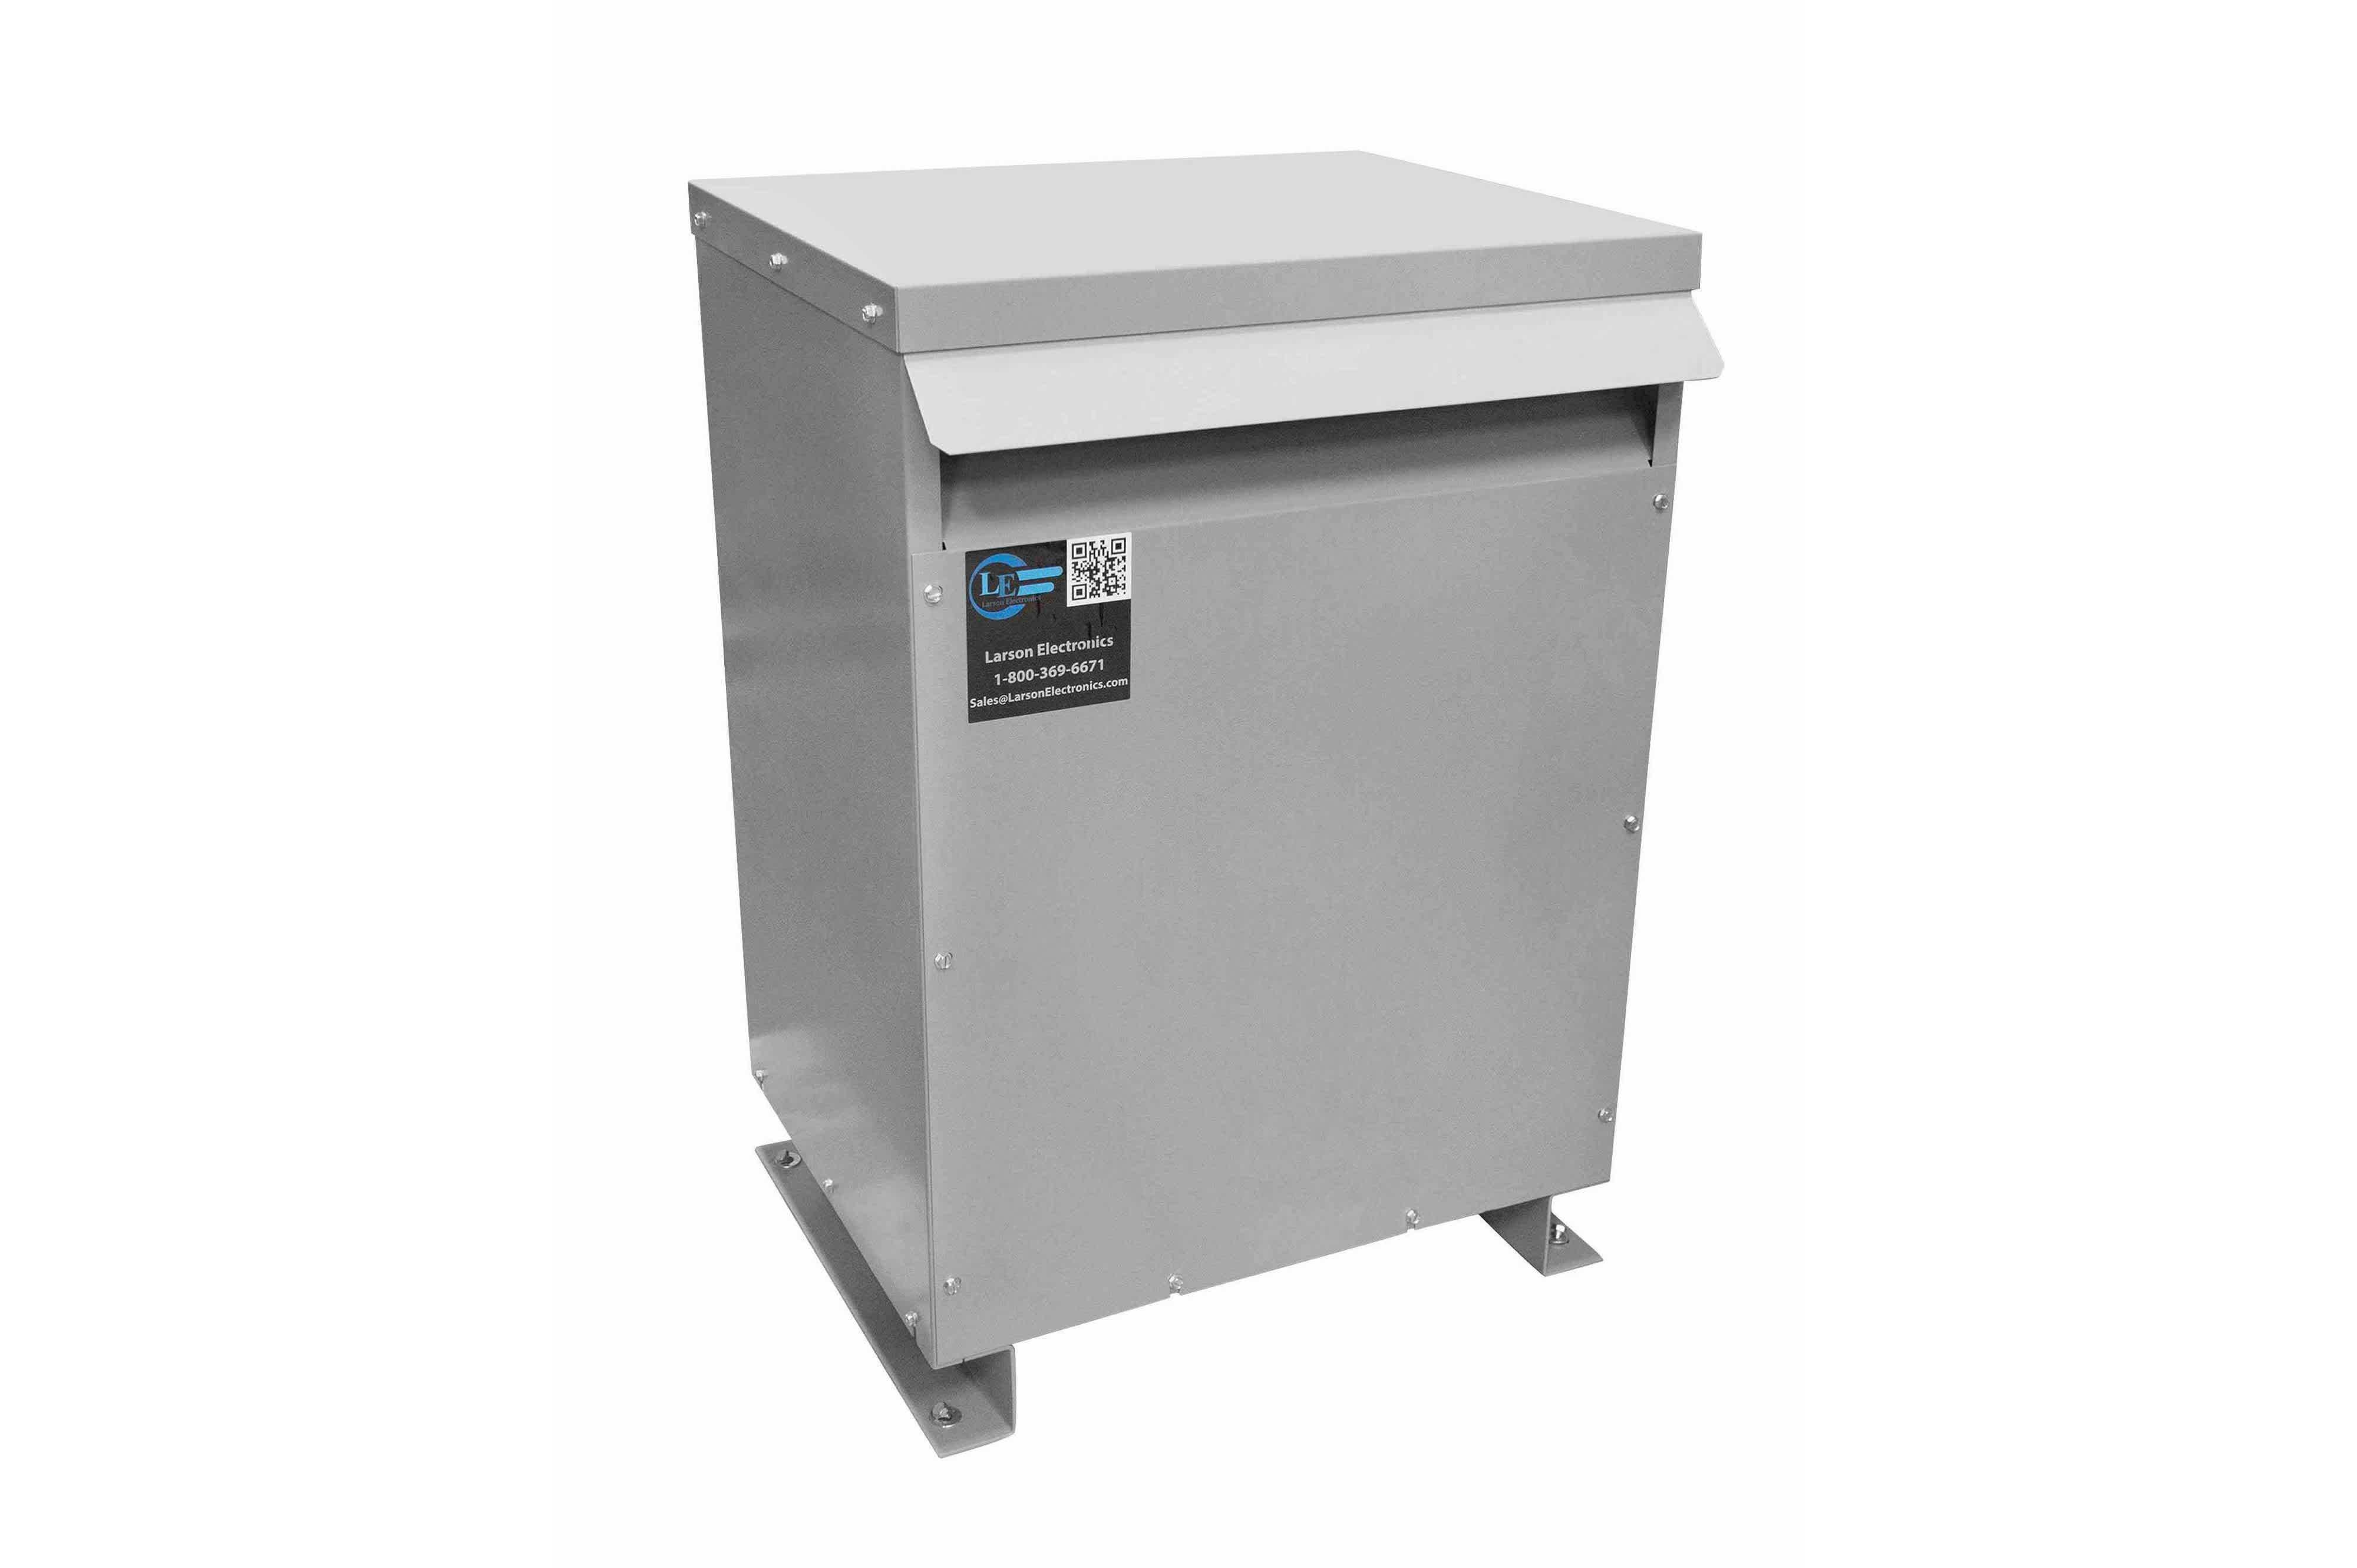 38 kVA 3PH Isolation Transformer, 380V Delta Primary, 240 Delta Secondary, N3R, Ventilated, 60 Hz